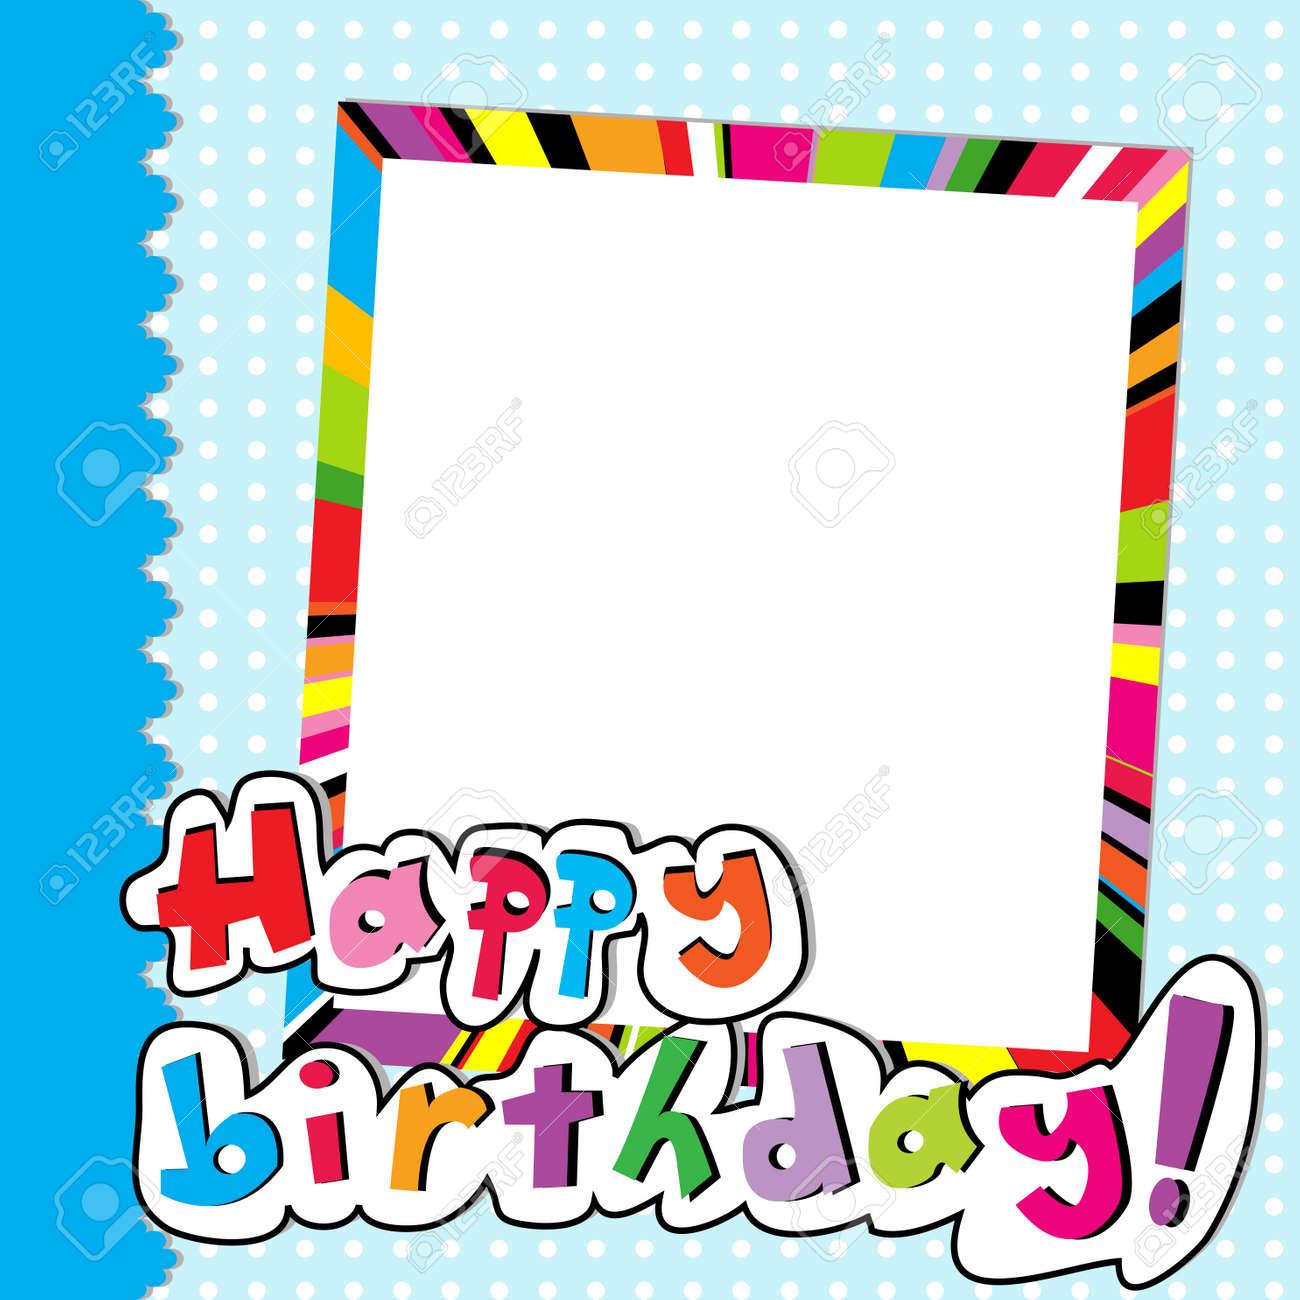 Happy Birthday Scrapbook For Baby Boy Royalty Free Cliparts, Vectors ...